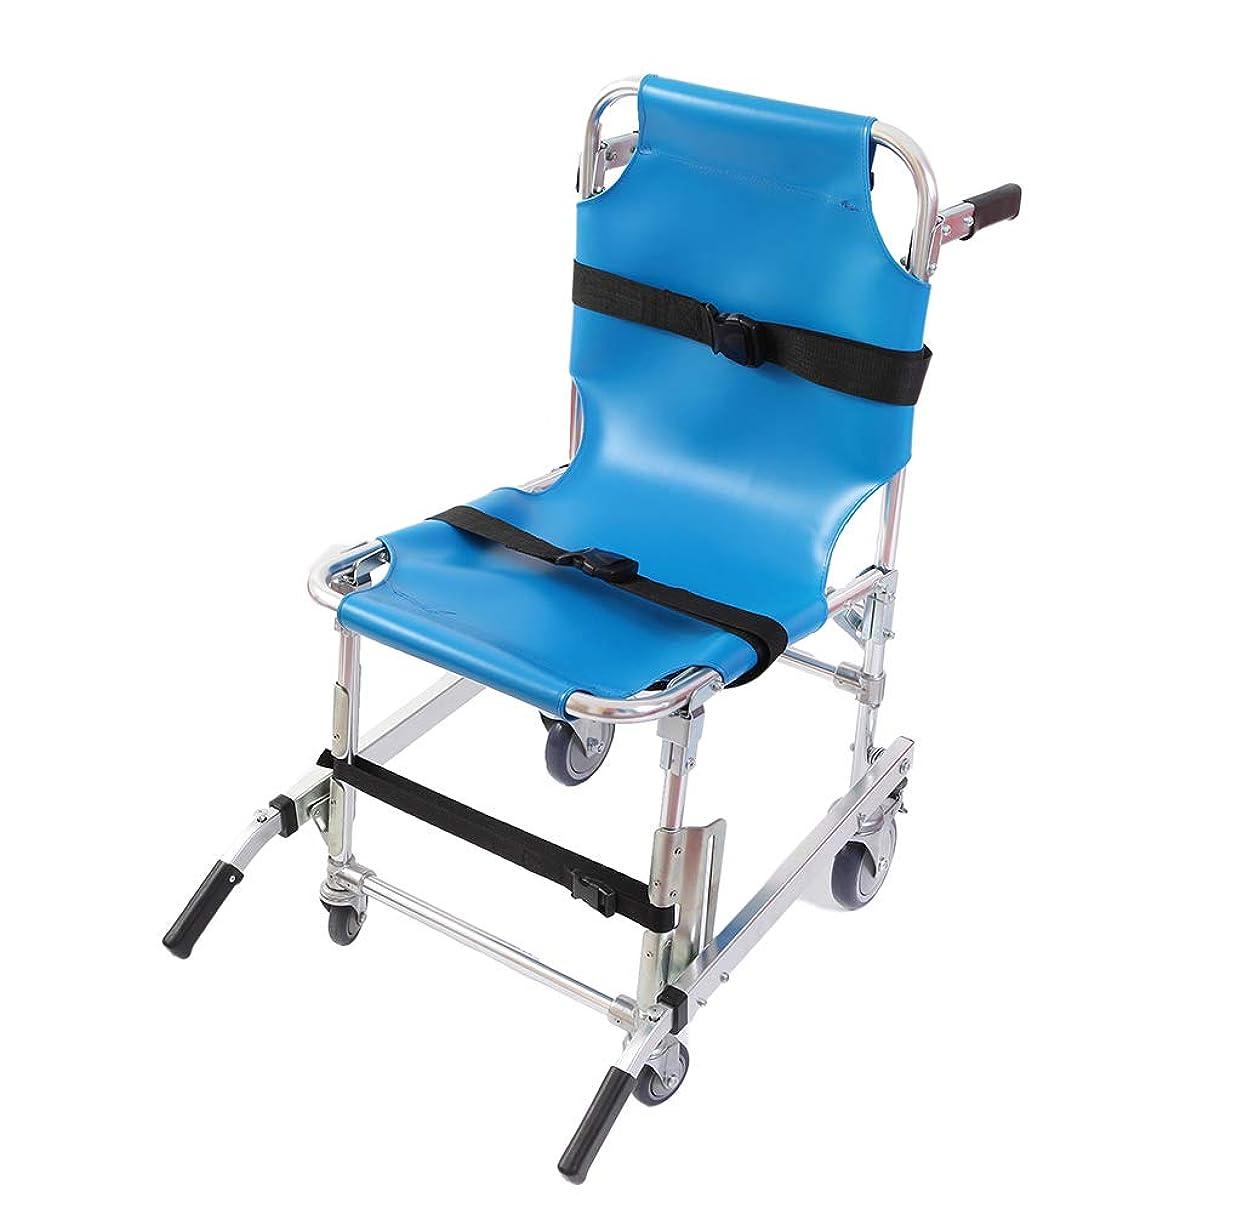 離婚可能豪華なアルミ軽量EMS階段椅子緊急避難医療リフト階段椅子クイックリリースバックル付き、ブルー